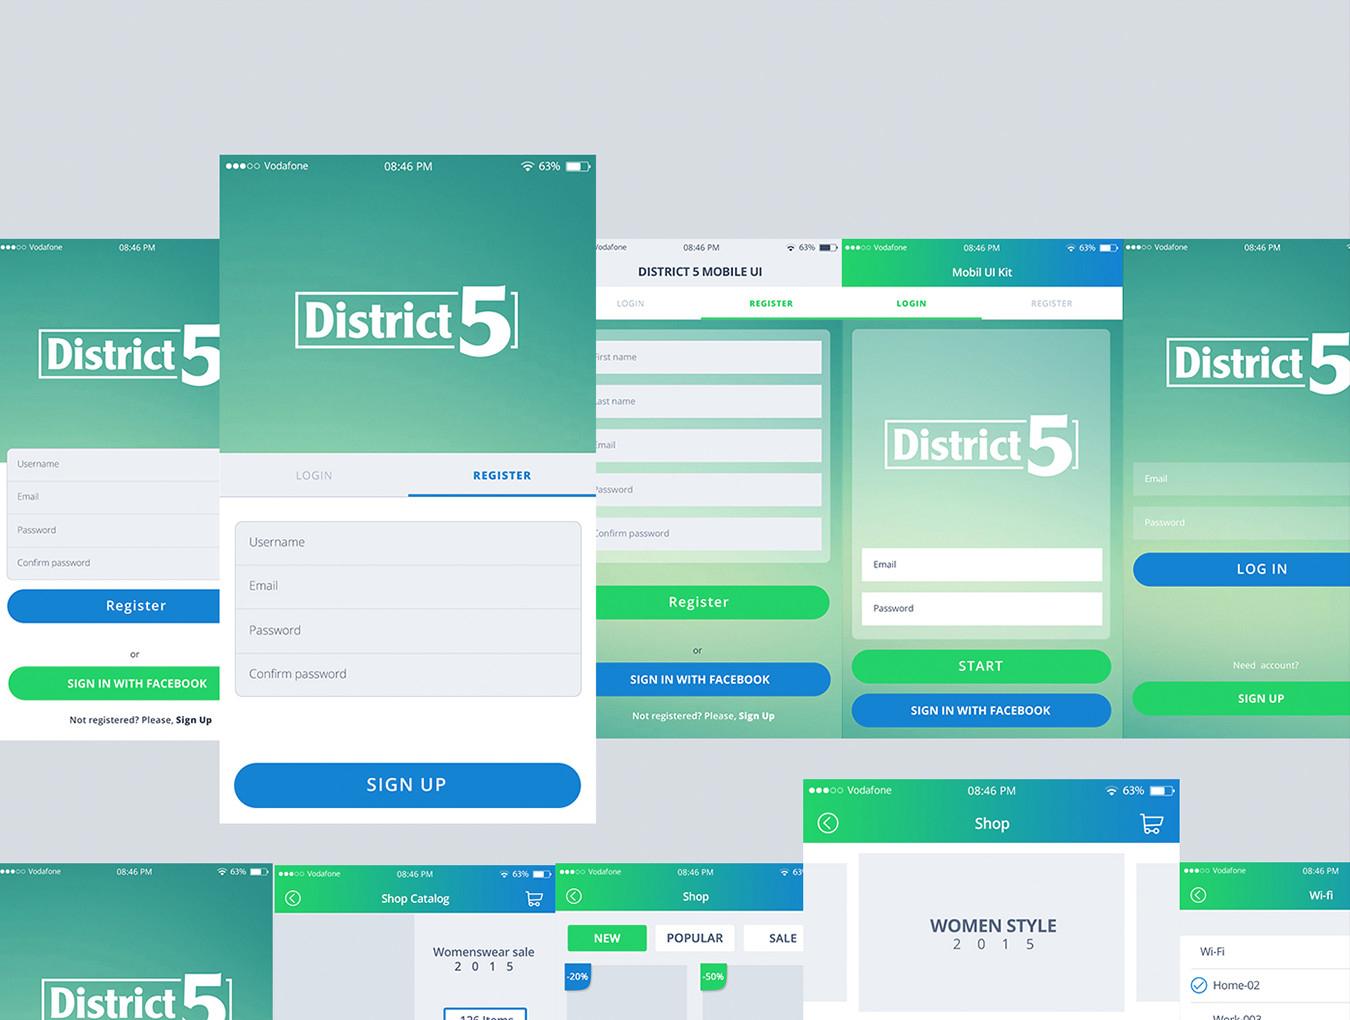 多功能手机应用程序APP UI设计素材套件 District 5 UI Kit插图(2)